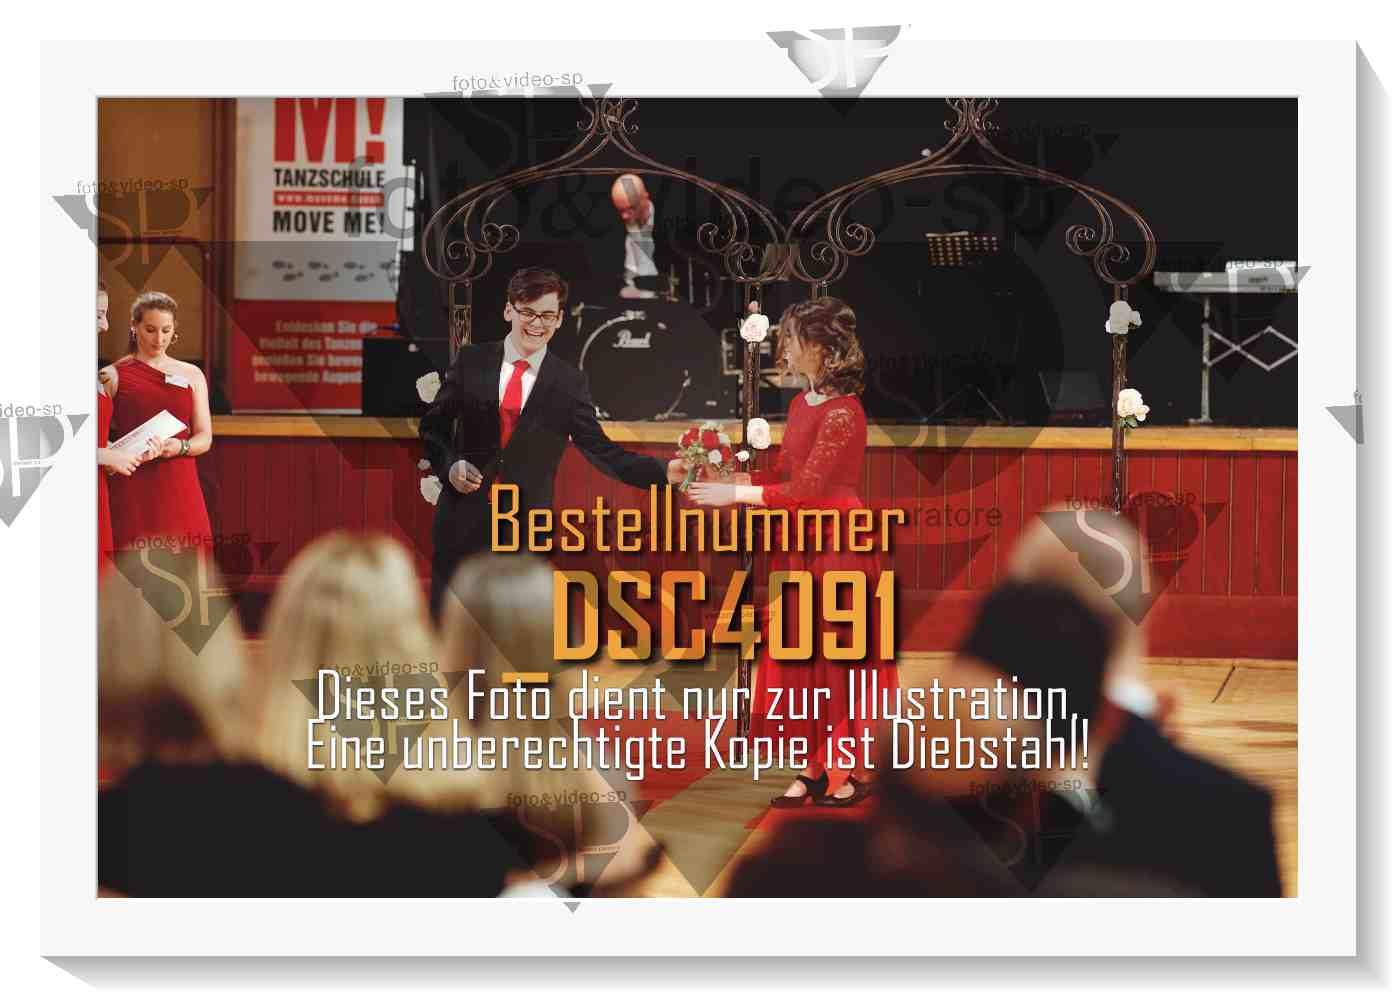 DSC4091